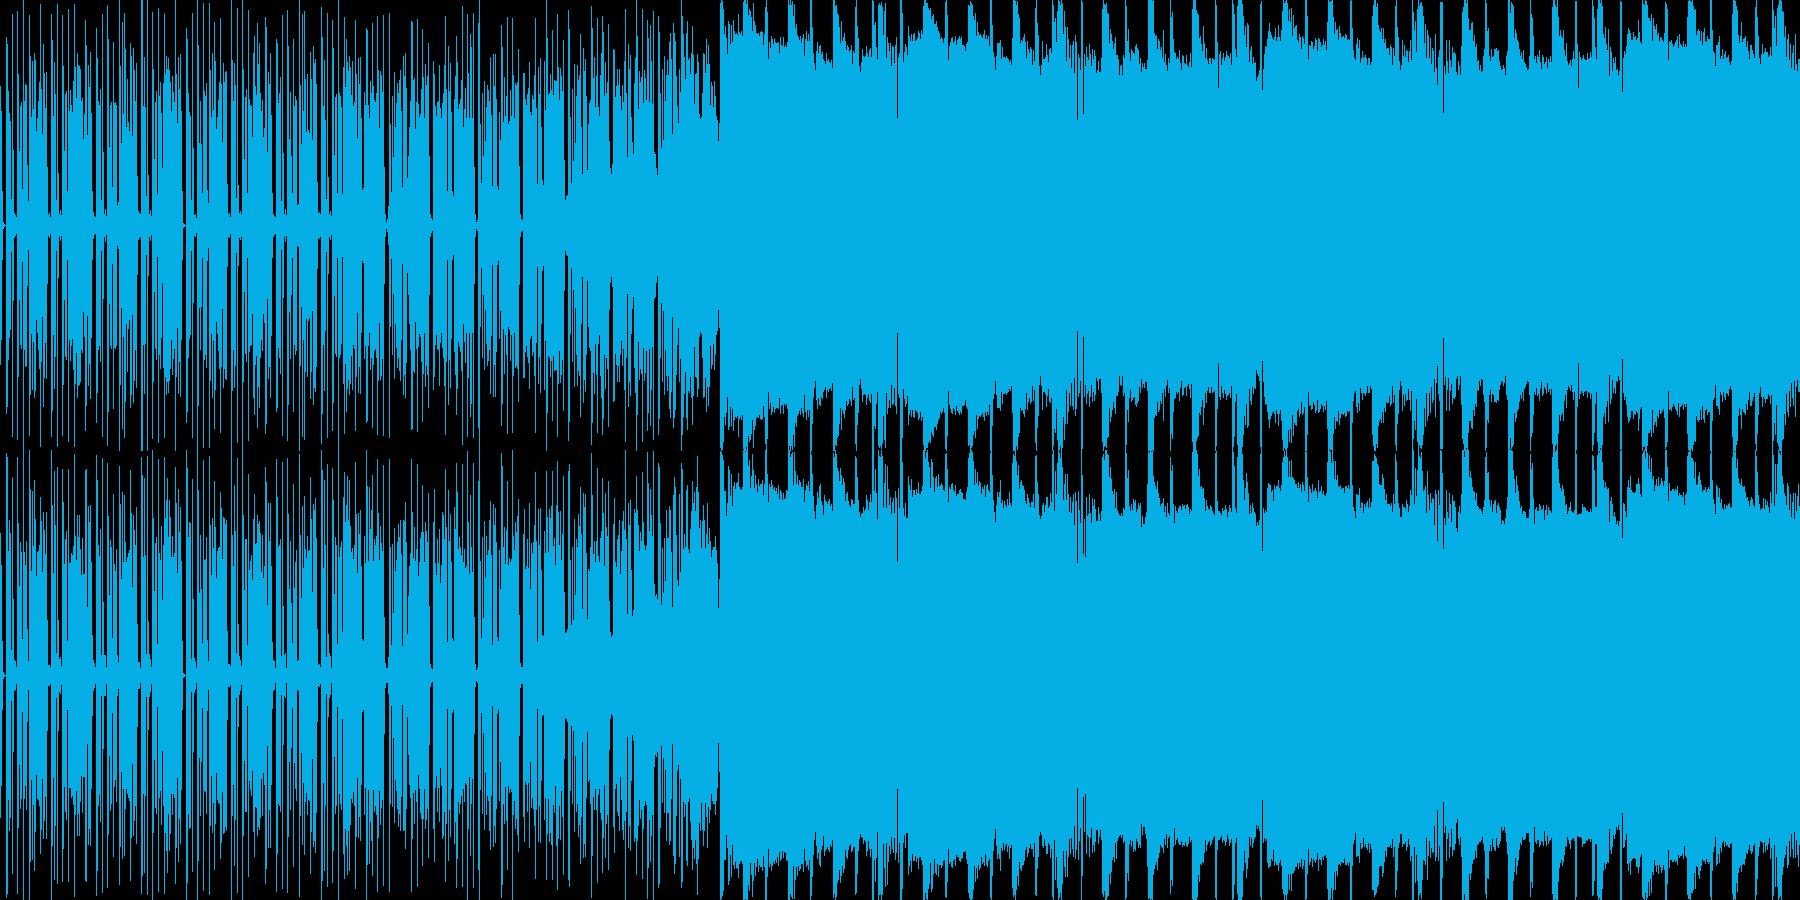 【クラブイベントに派手なブロステップ】の再生済みの波形